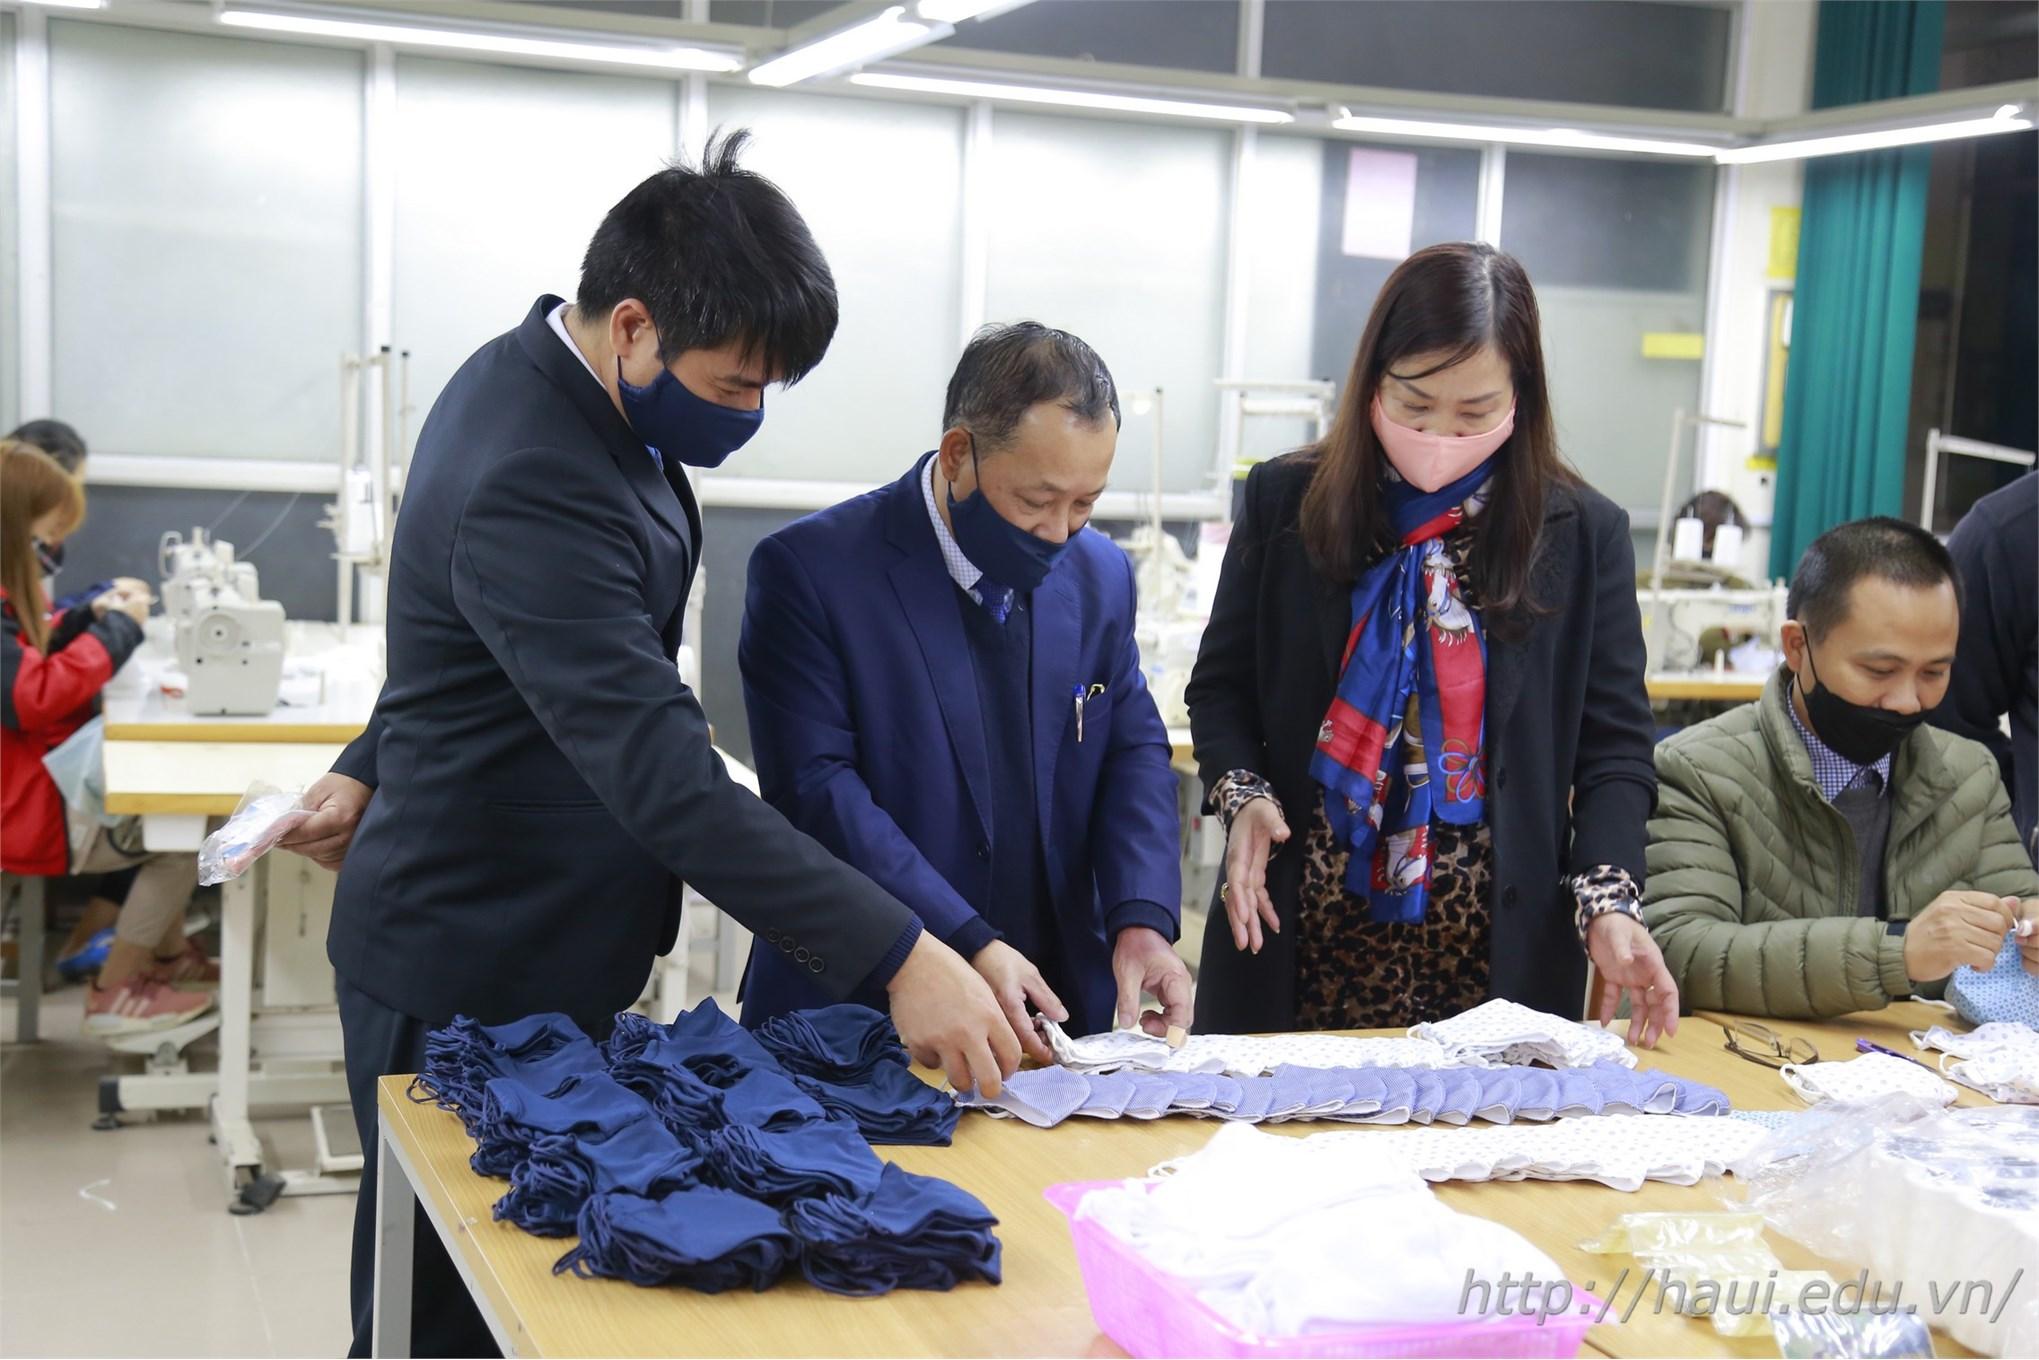 Sau sản xuất dung dịch rửa tay khô, Đại học Công nghiệp Hà Nội tiếp tục sản xuất 30.000 khẩu trang vải phát miễn phí cho sinh viên, cán bộ giảng viên nhà trường